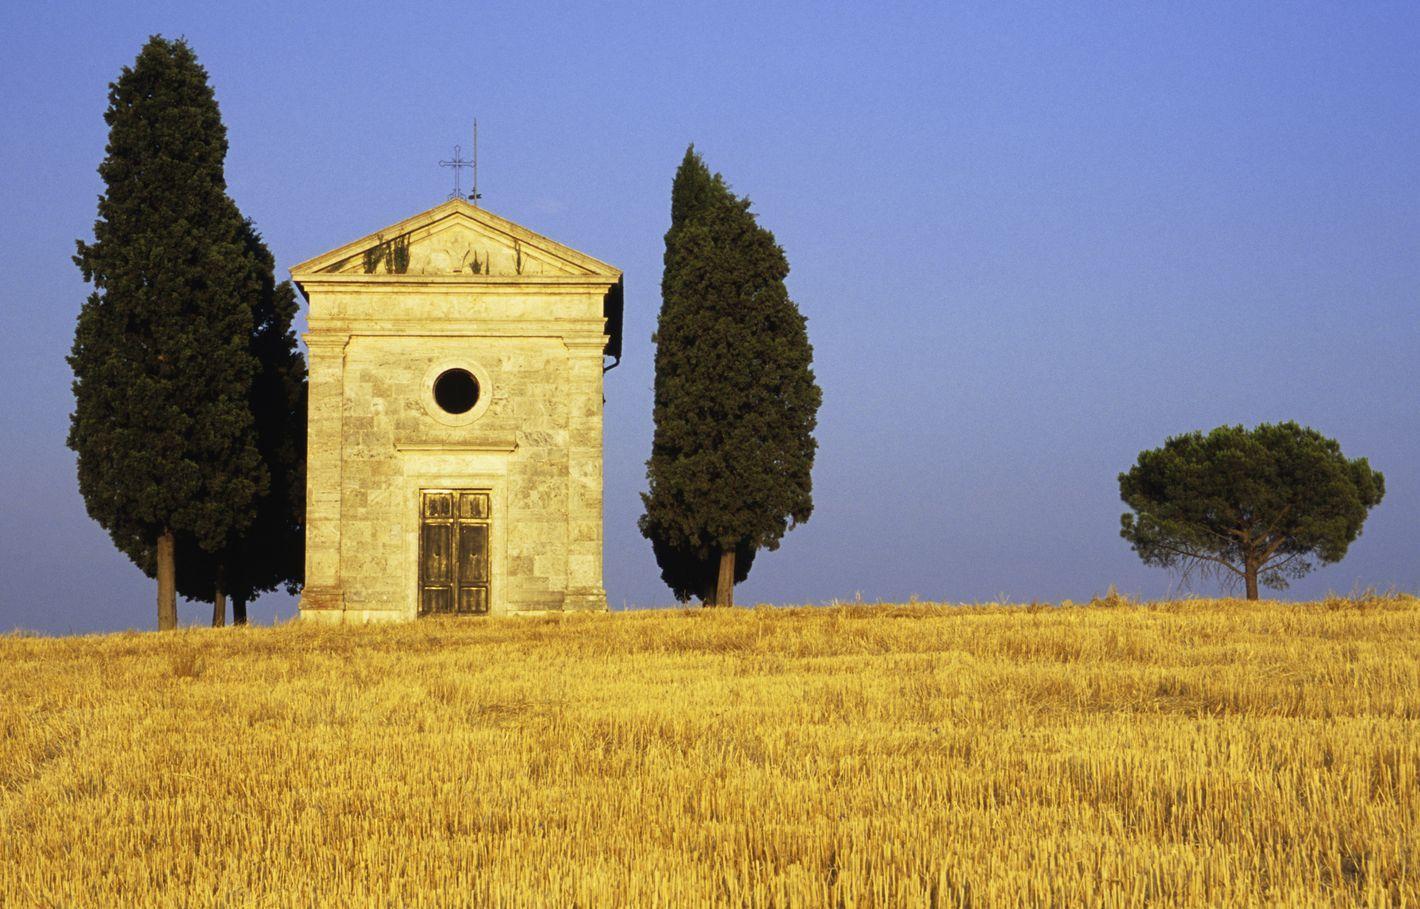 Tuscany,Italy:Tourist Travel Guide to Holidays in Tuscany,Toscana,Italia - Discover Tuscany